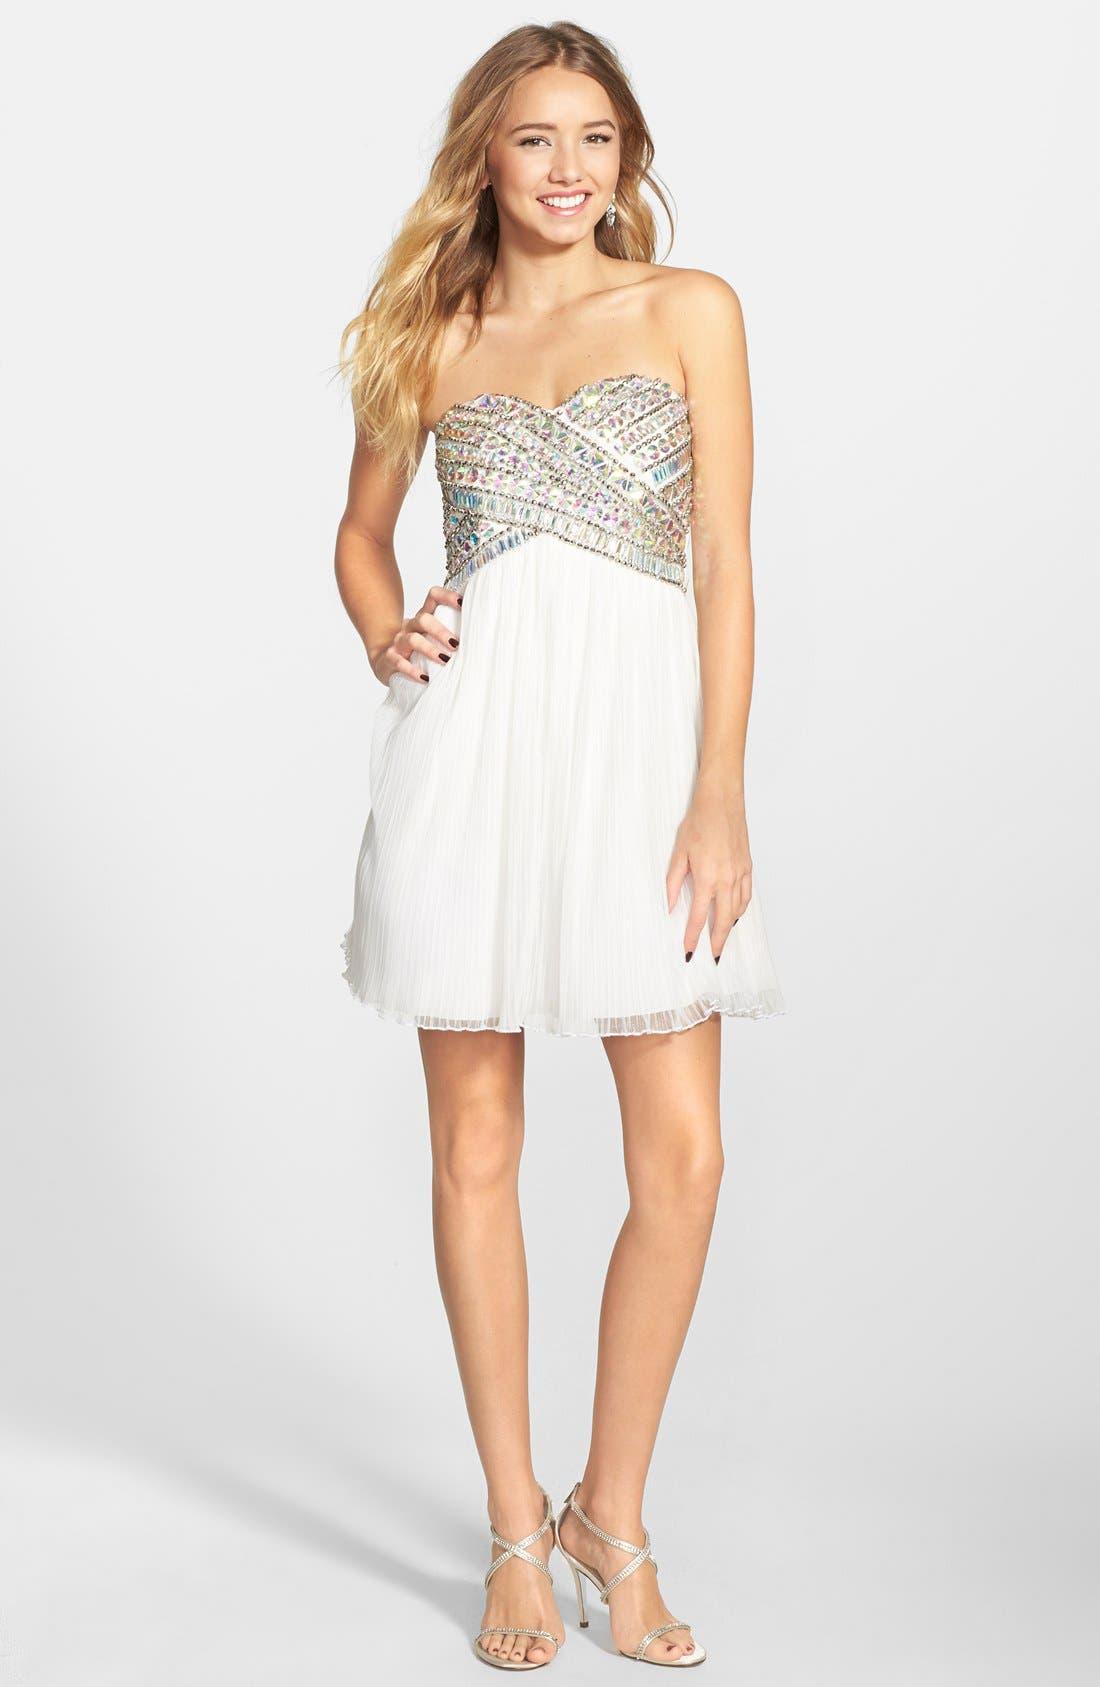 AS U WISH Strapless Gem Bodice Dress, Main, color, 100